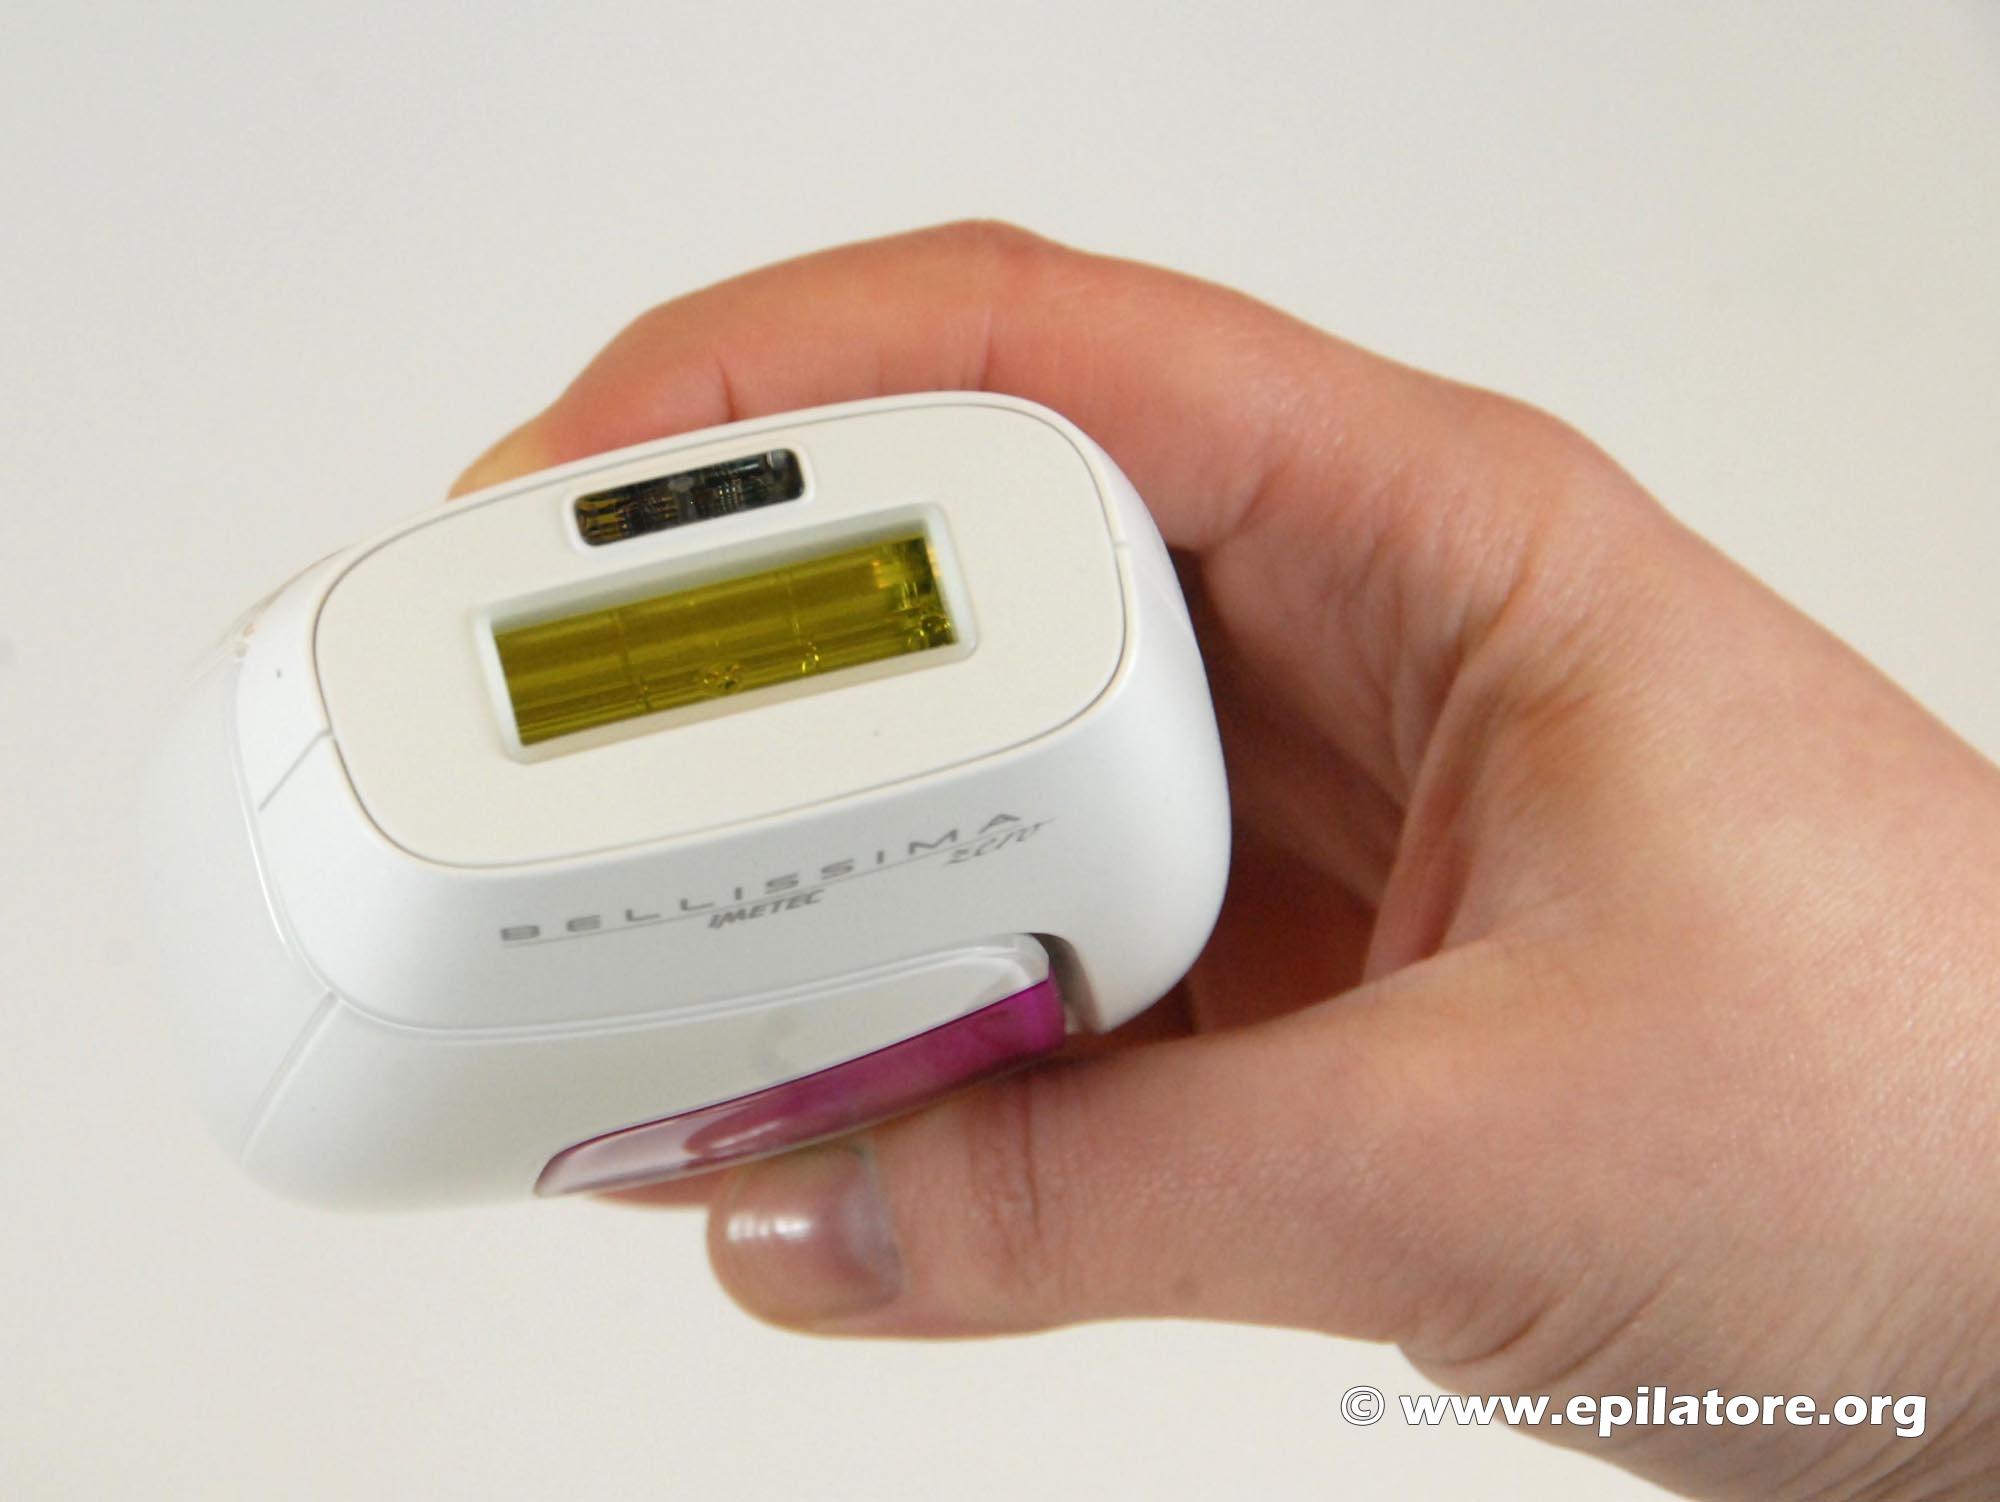 Miglior epilatore luce pulsata - Prezzi e Recensioni dei migliori ()